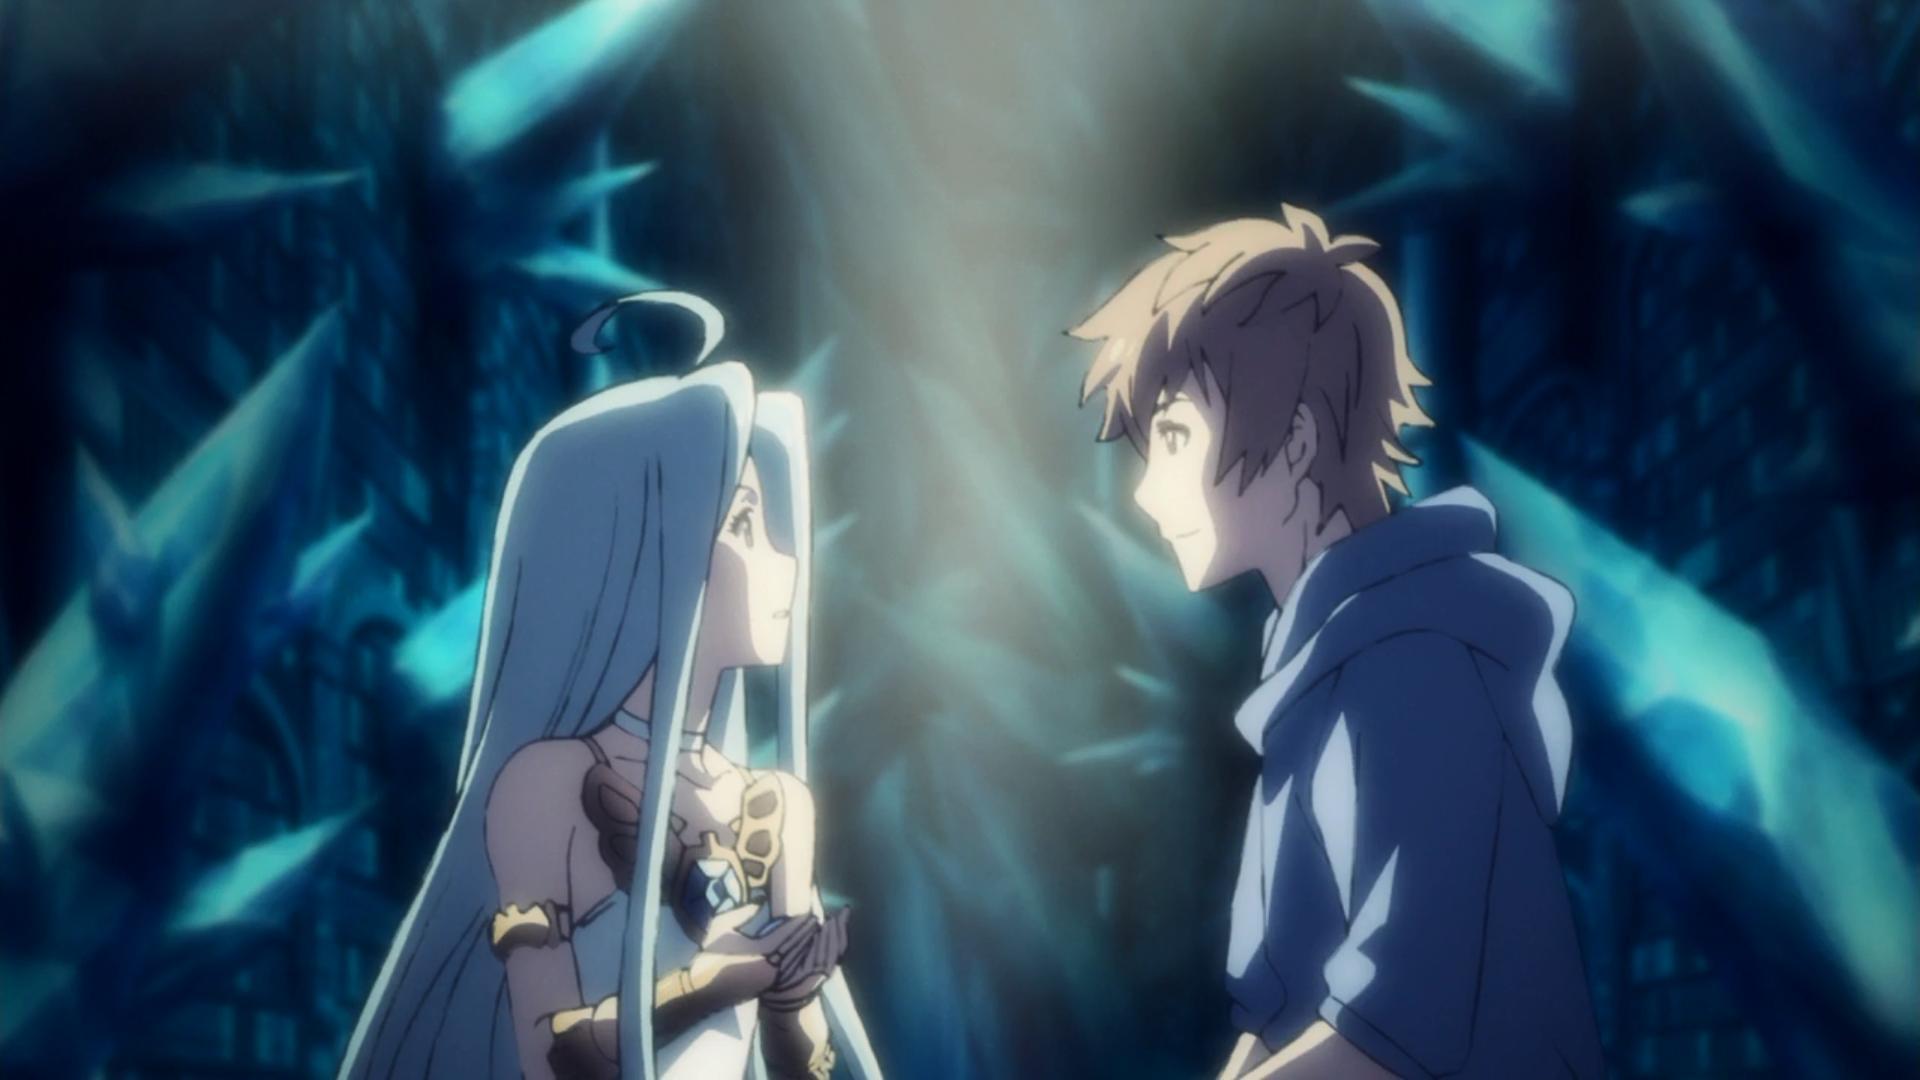 Jigoku shoujo episodio 17 paisaje de espejos - 5 4